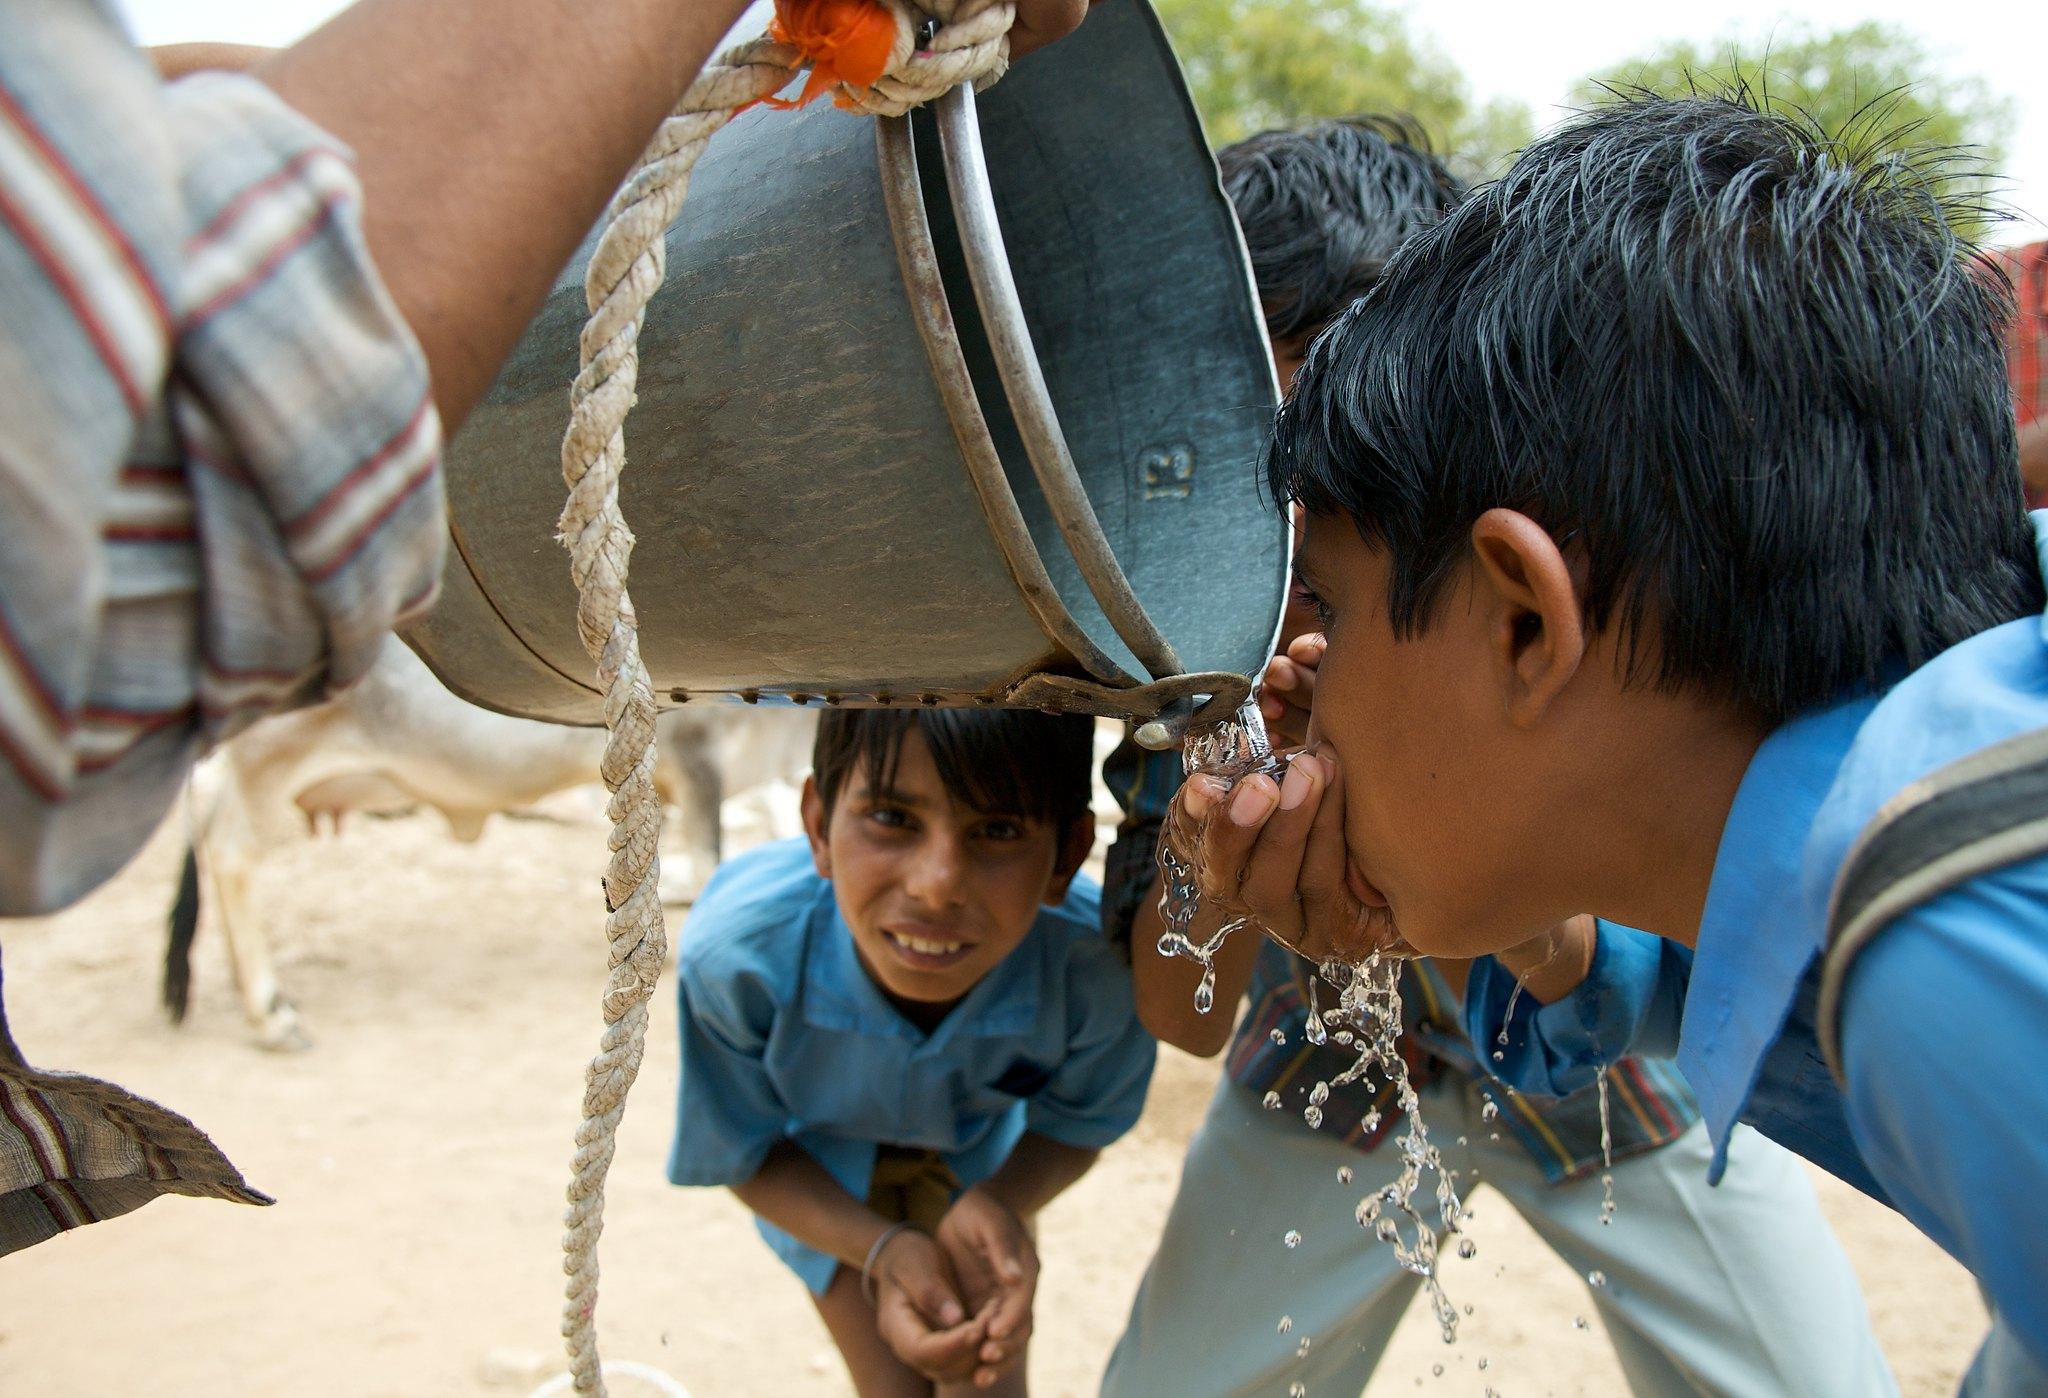 Schuljungen stillen ihren Durst. Sauberes Trinkwasser bekommen sie nur selten.